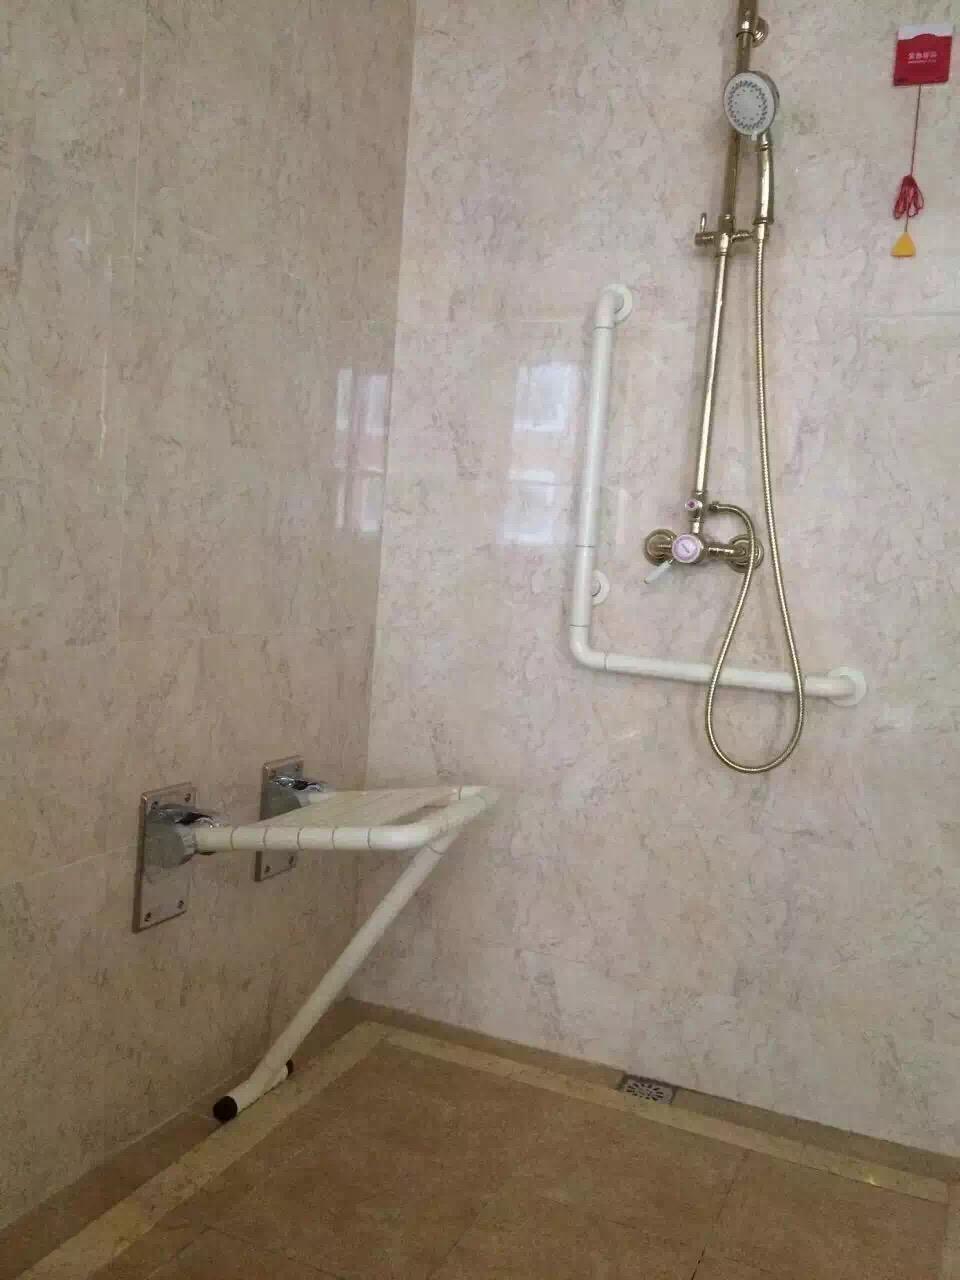 【上海】尼龙卫浴扶手,质量不错,种类也齐全